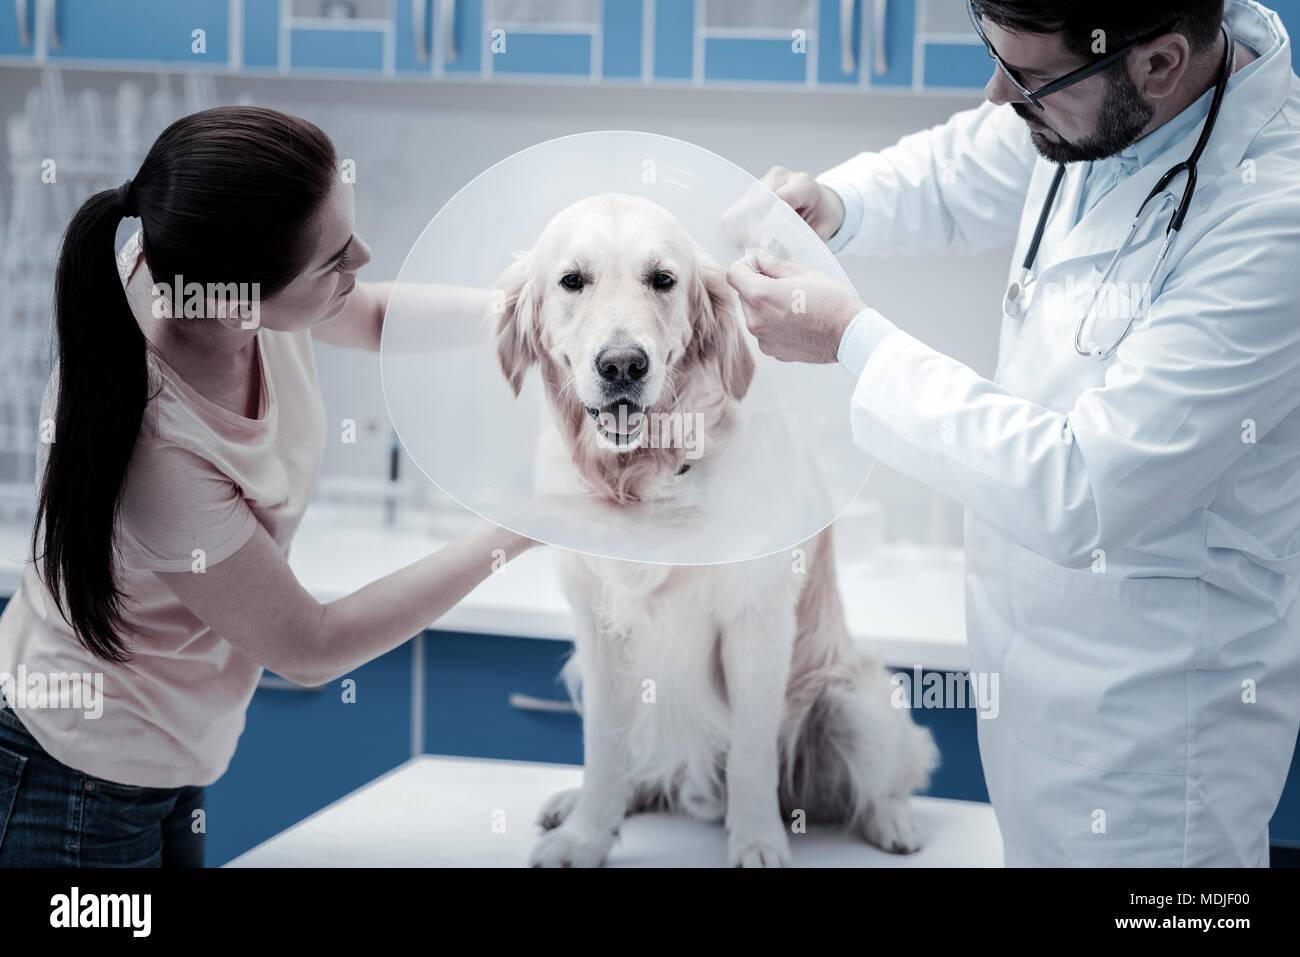 Nice cute dog wearing E collar Stock Photo